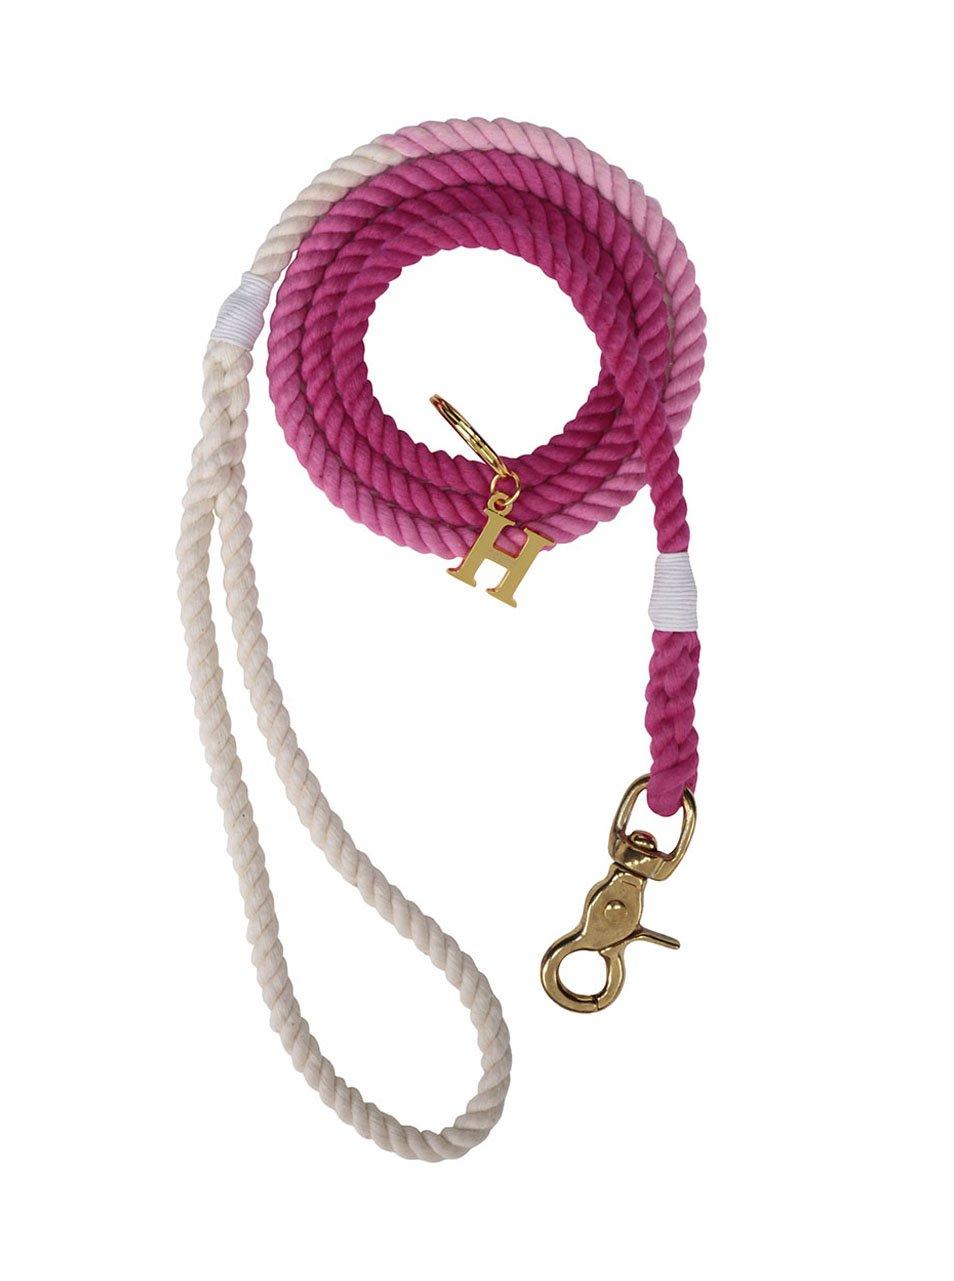 Bílo-růžové vodítko pro malé psy Hound 8 mm